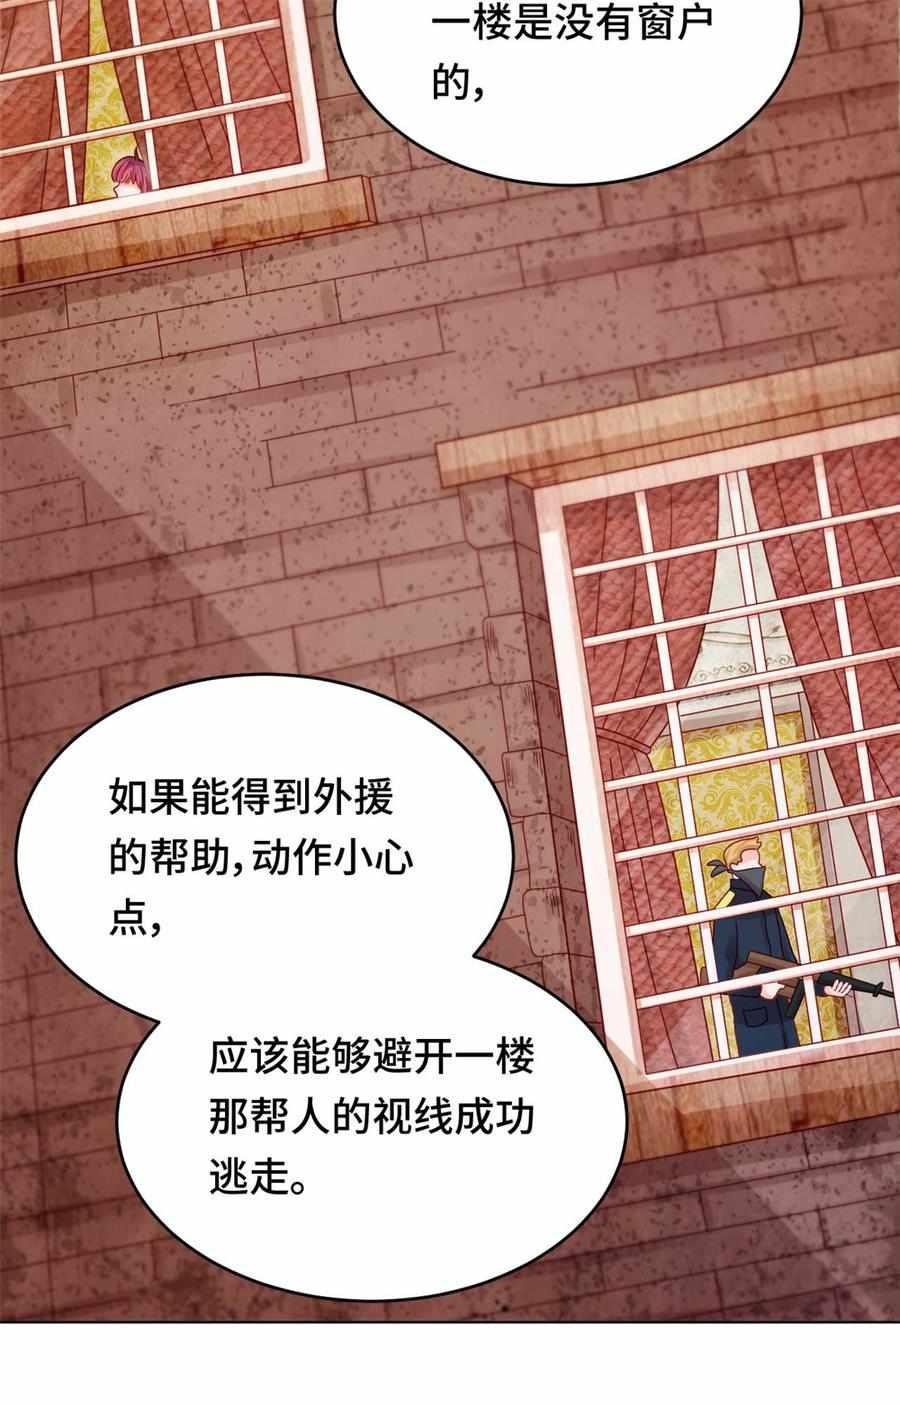 云想之歌-笼中之恋第30话  第三十话 逃离 第 6